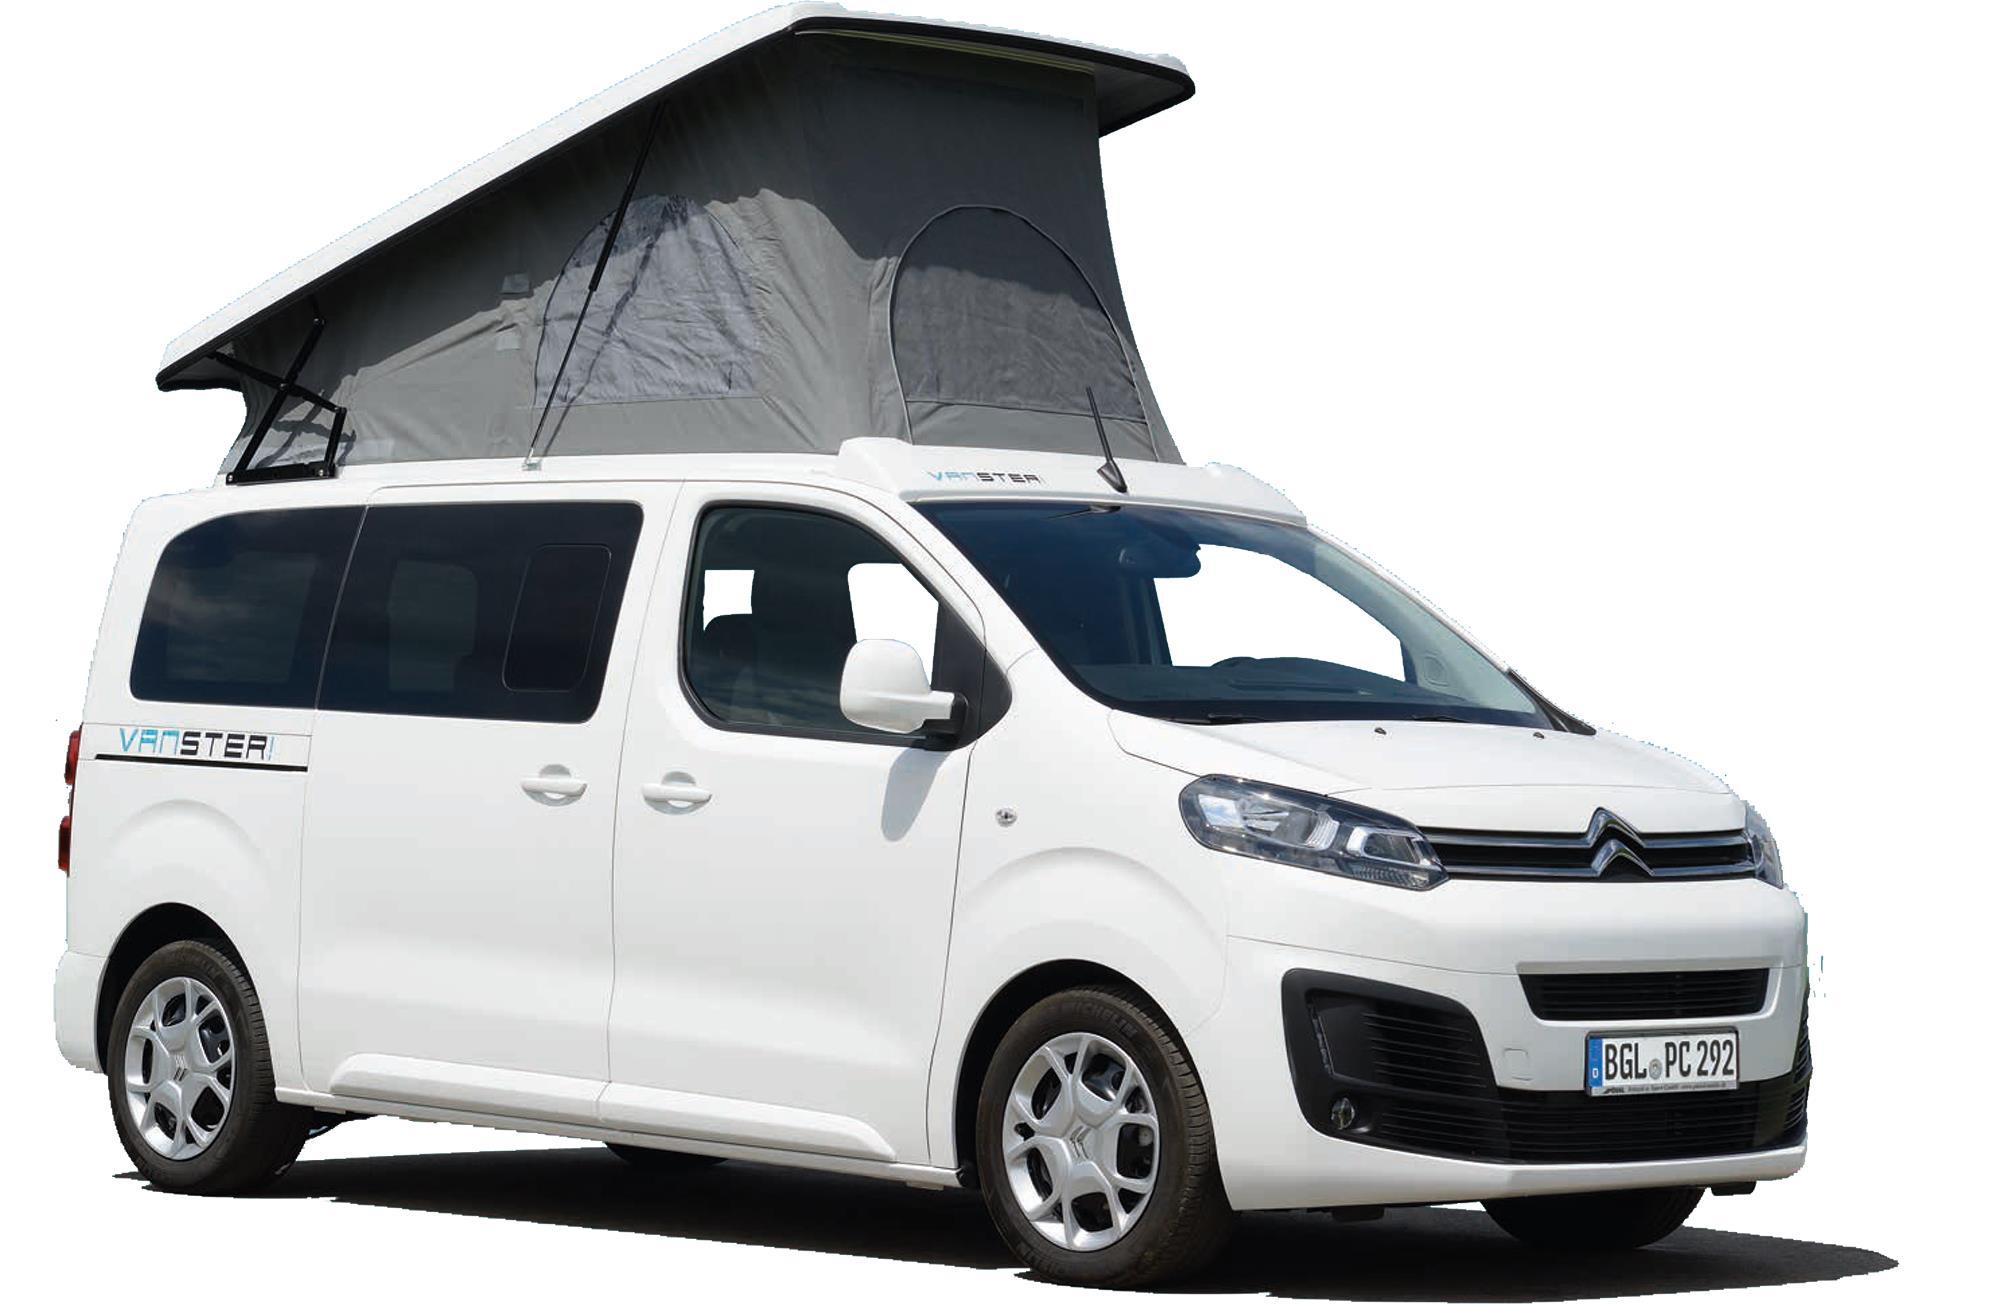 Pössl Vanster: Kastenwagen zum Campen Wohnmobile